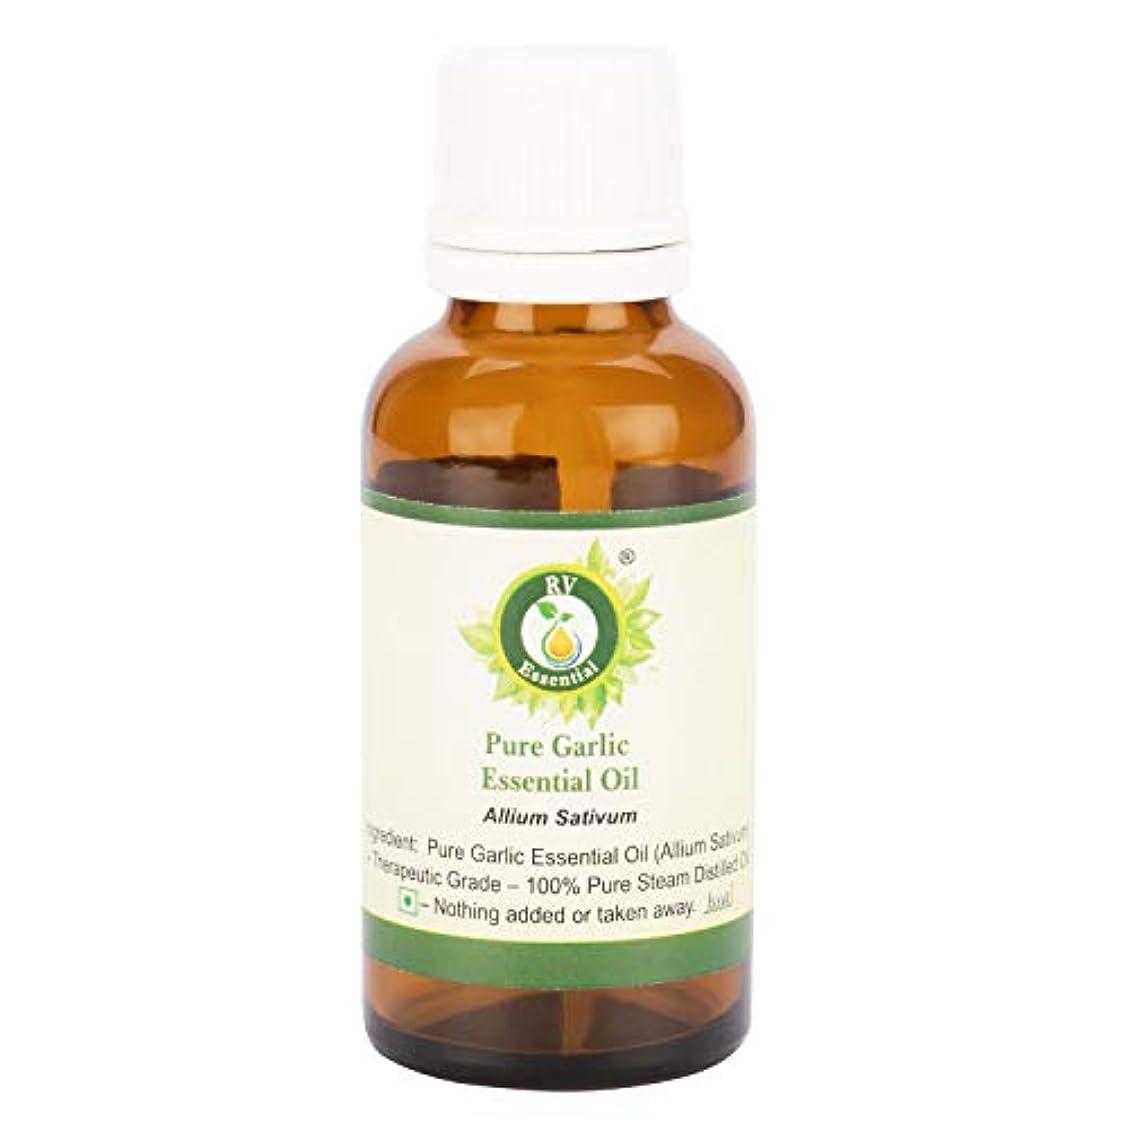 話す女性ぴったりピュアニンニクエッセンシャルオイル100ml (3.38oz)- Allium Sativum (100%純粋&天然スチームDistilled) Pure Garlic Essential Oil